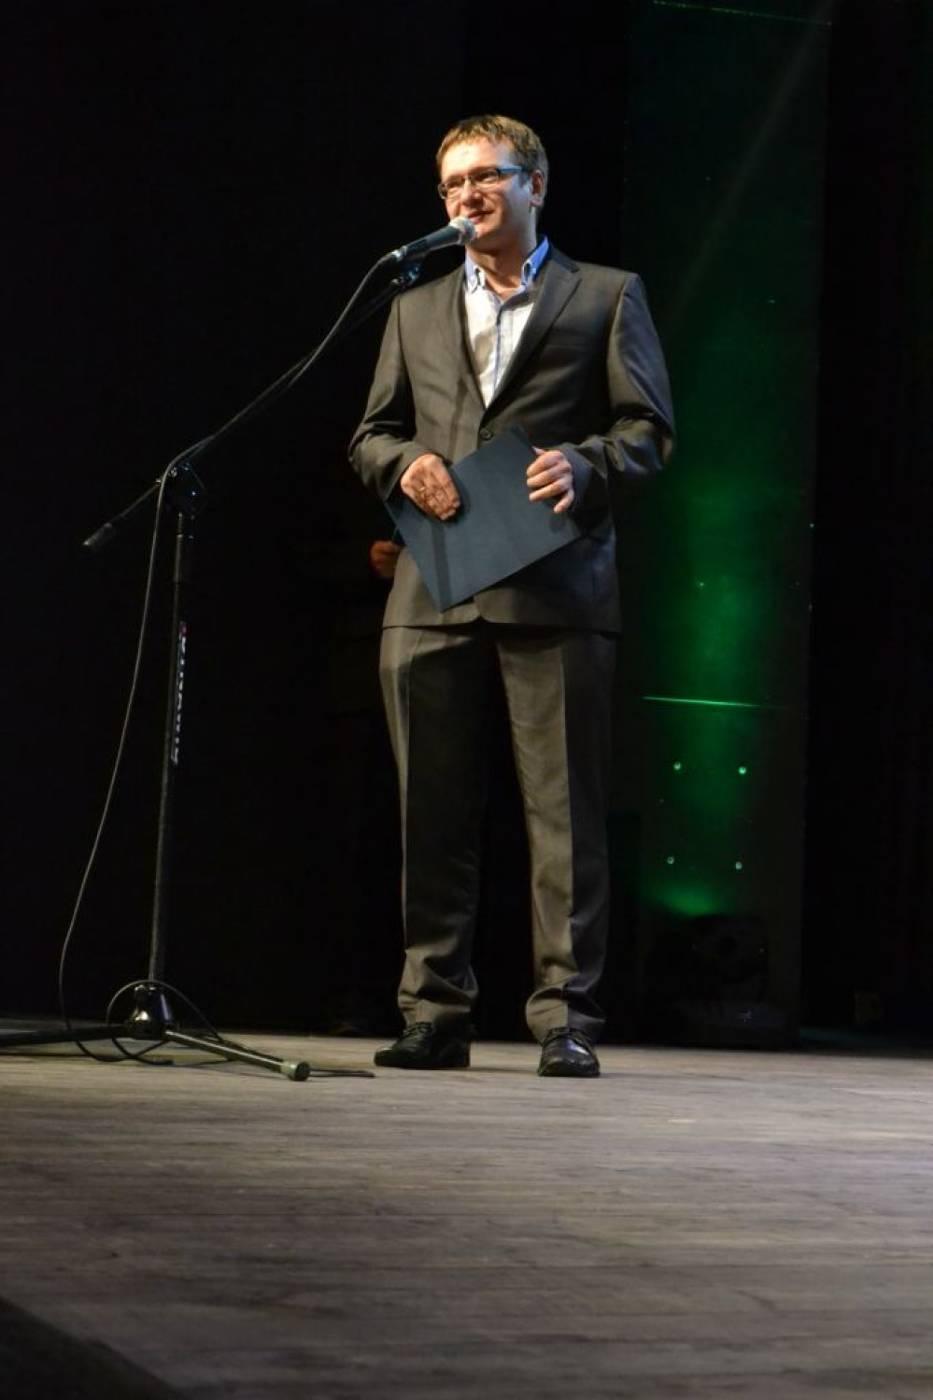 Kwidzyn. Nagrody burmistrza 2014